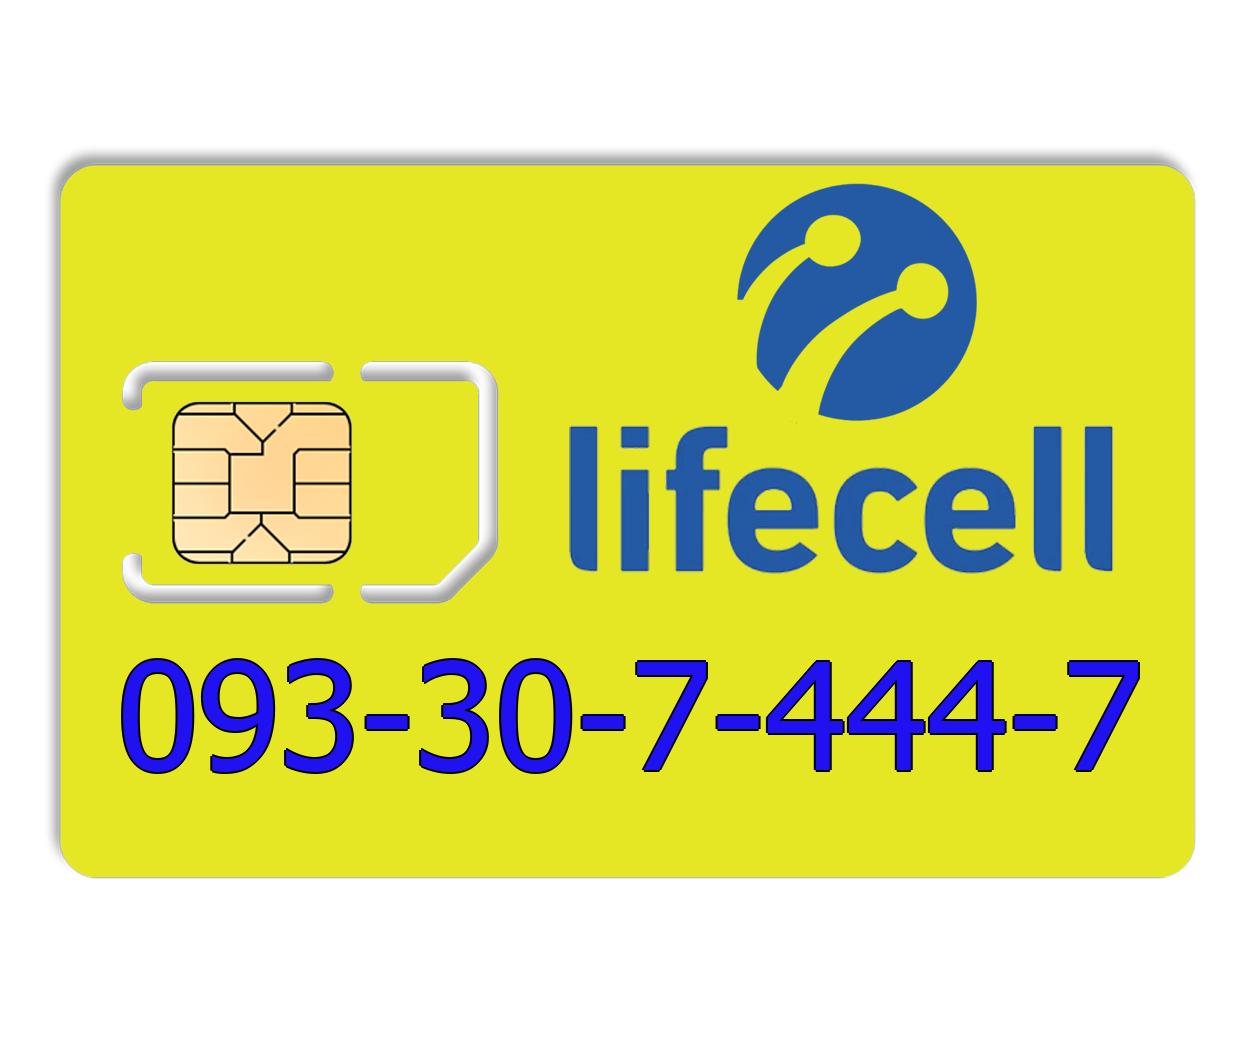 Красивый номер lifecell 093-30-7-444-7